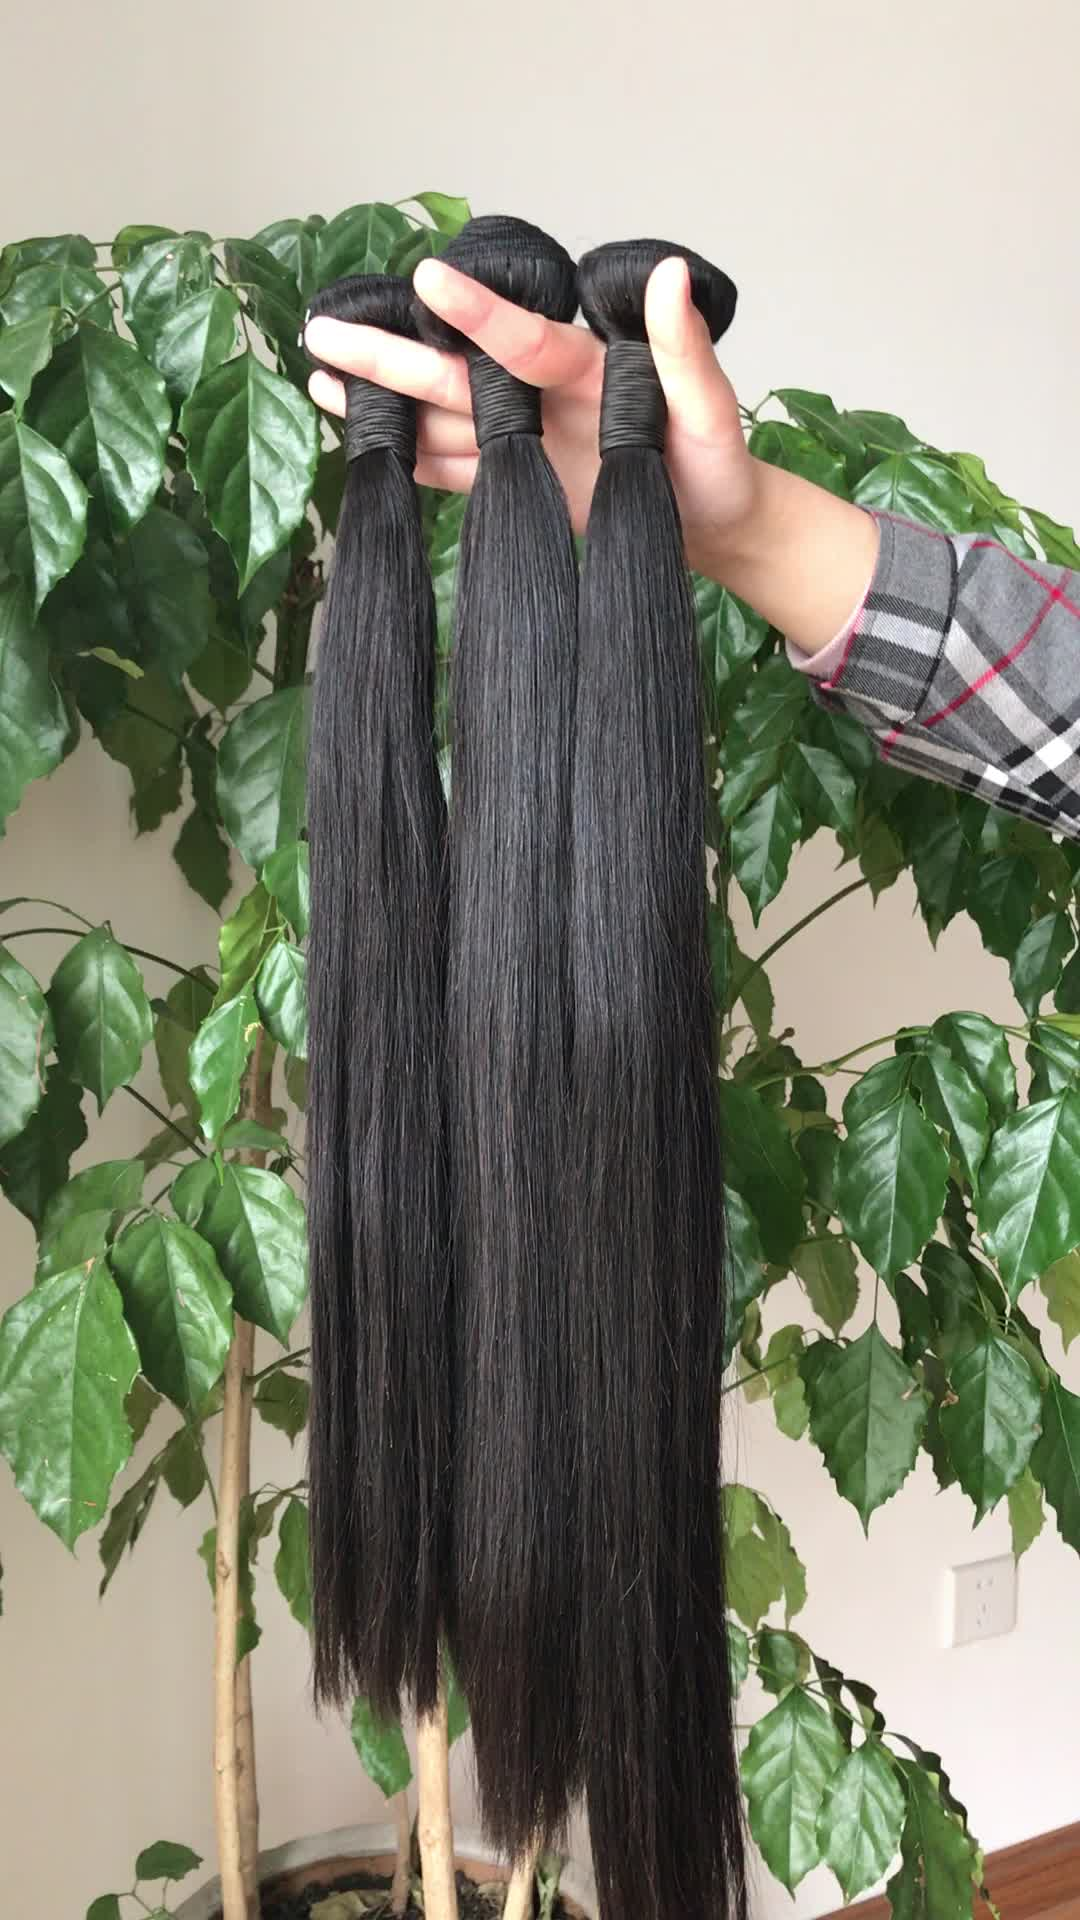 Nuovo arriva lordo Brasiliana vergine all'ingrosso dei capelli top quality colore naturale dei capelli dritti estensione dei capelli umani di 100%